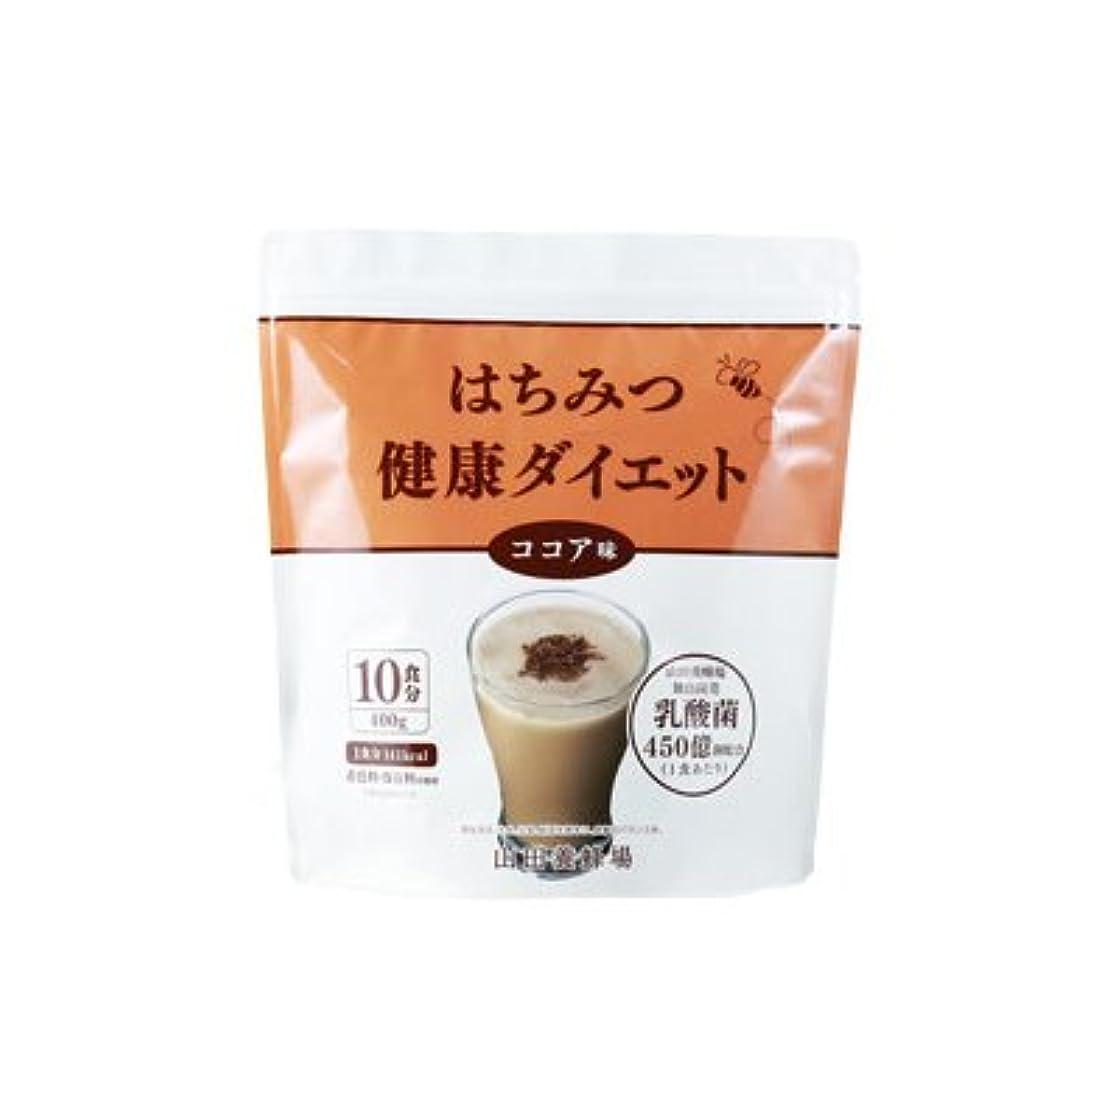 こんにちは存在日曜日はちみつ健康ダイエット 【ココア味】400g(10食分)